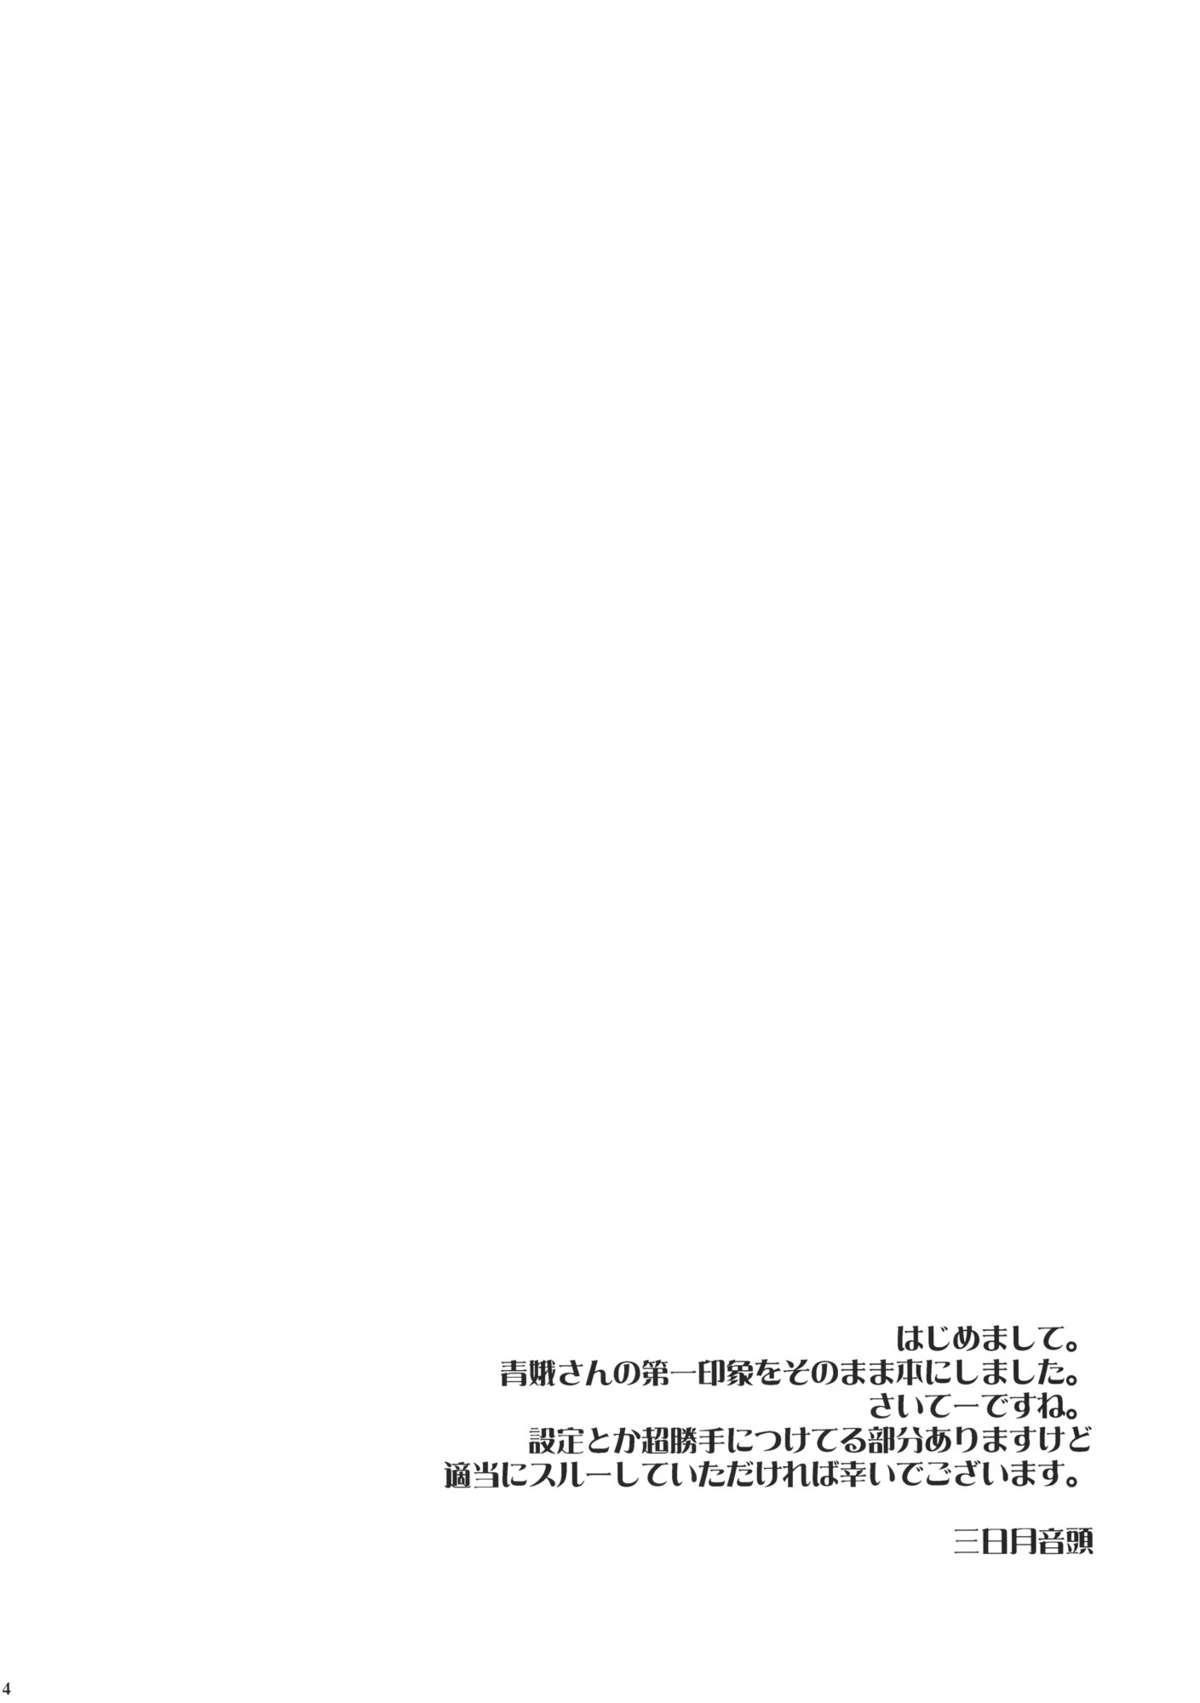 NyanNyan Tengoku 3